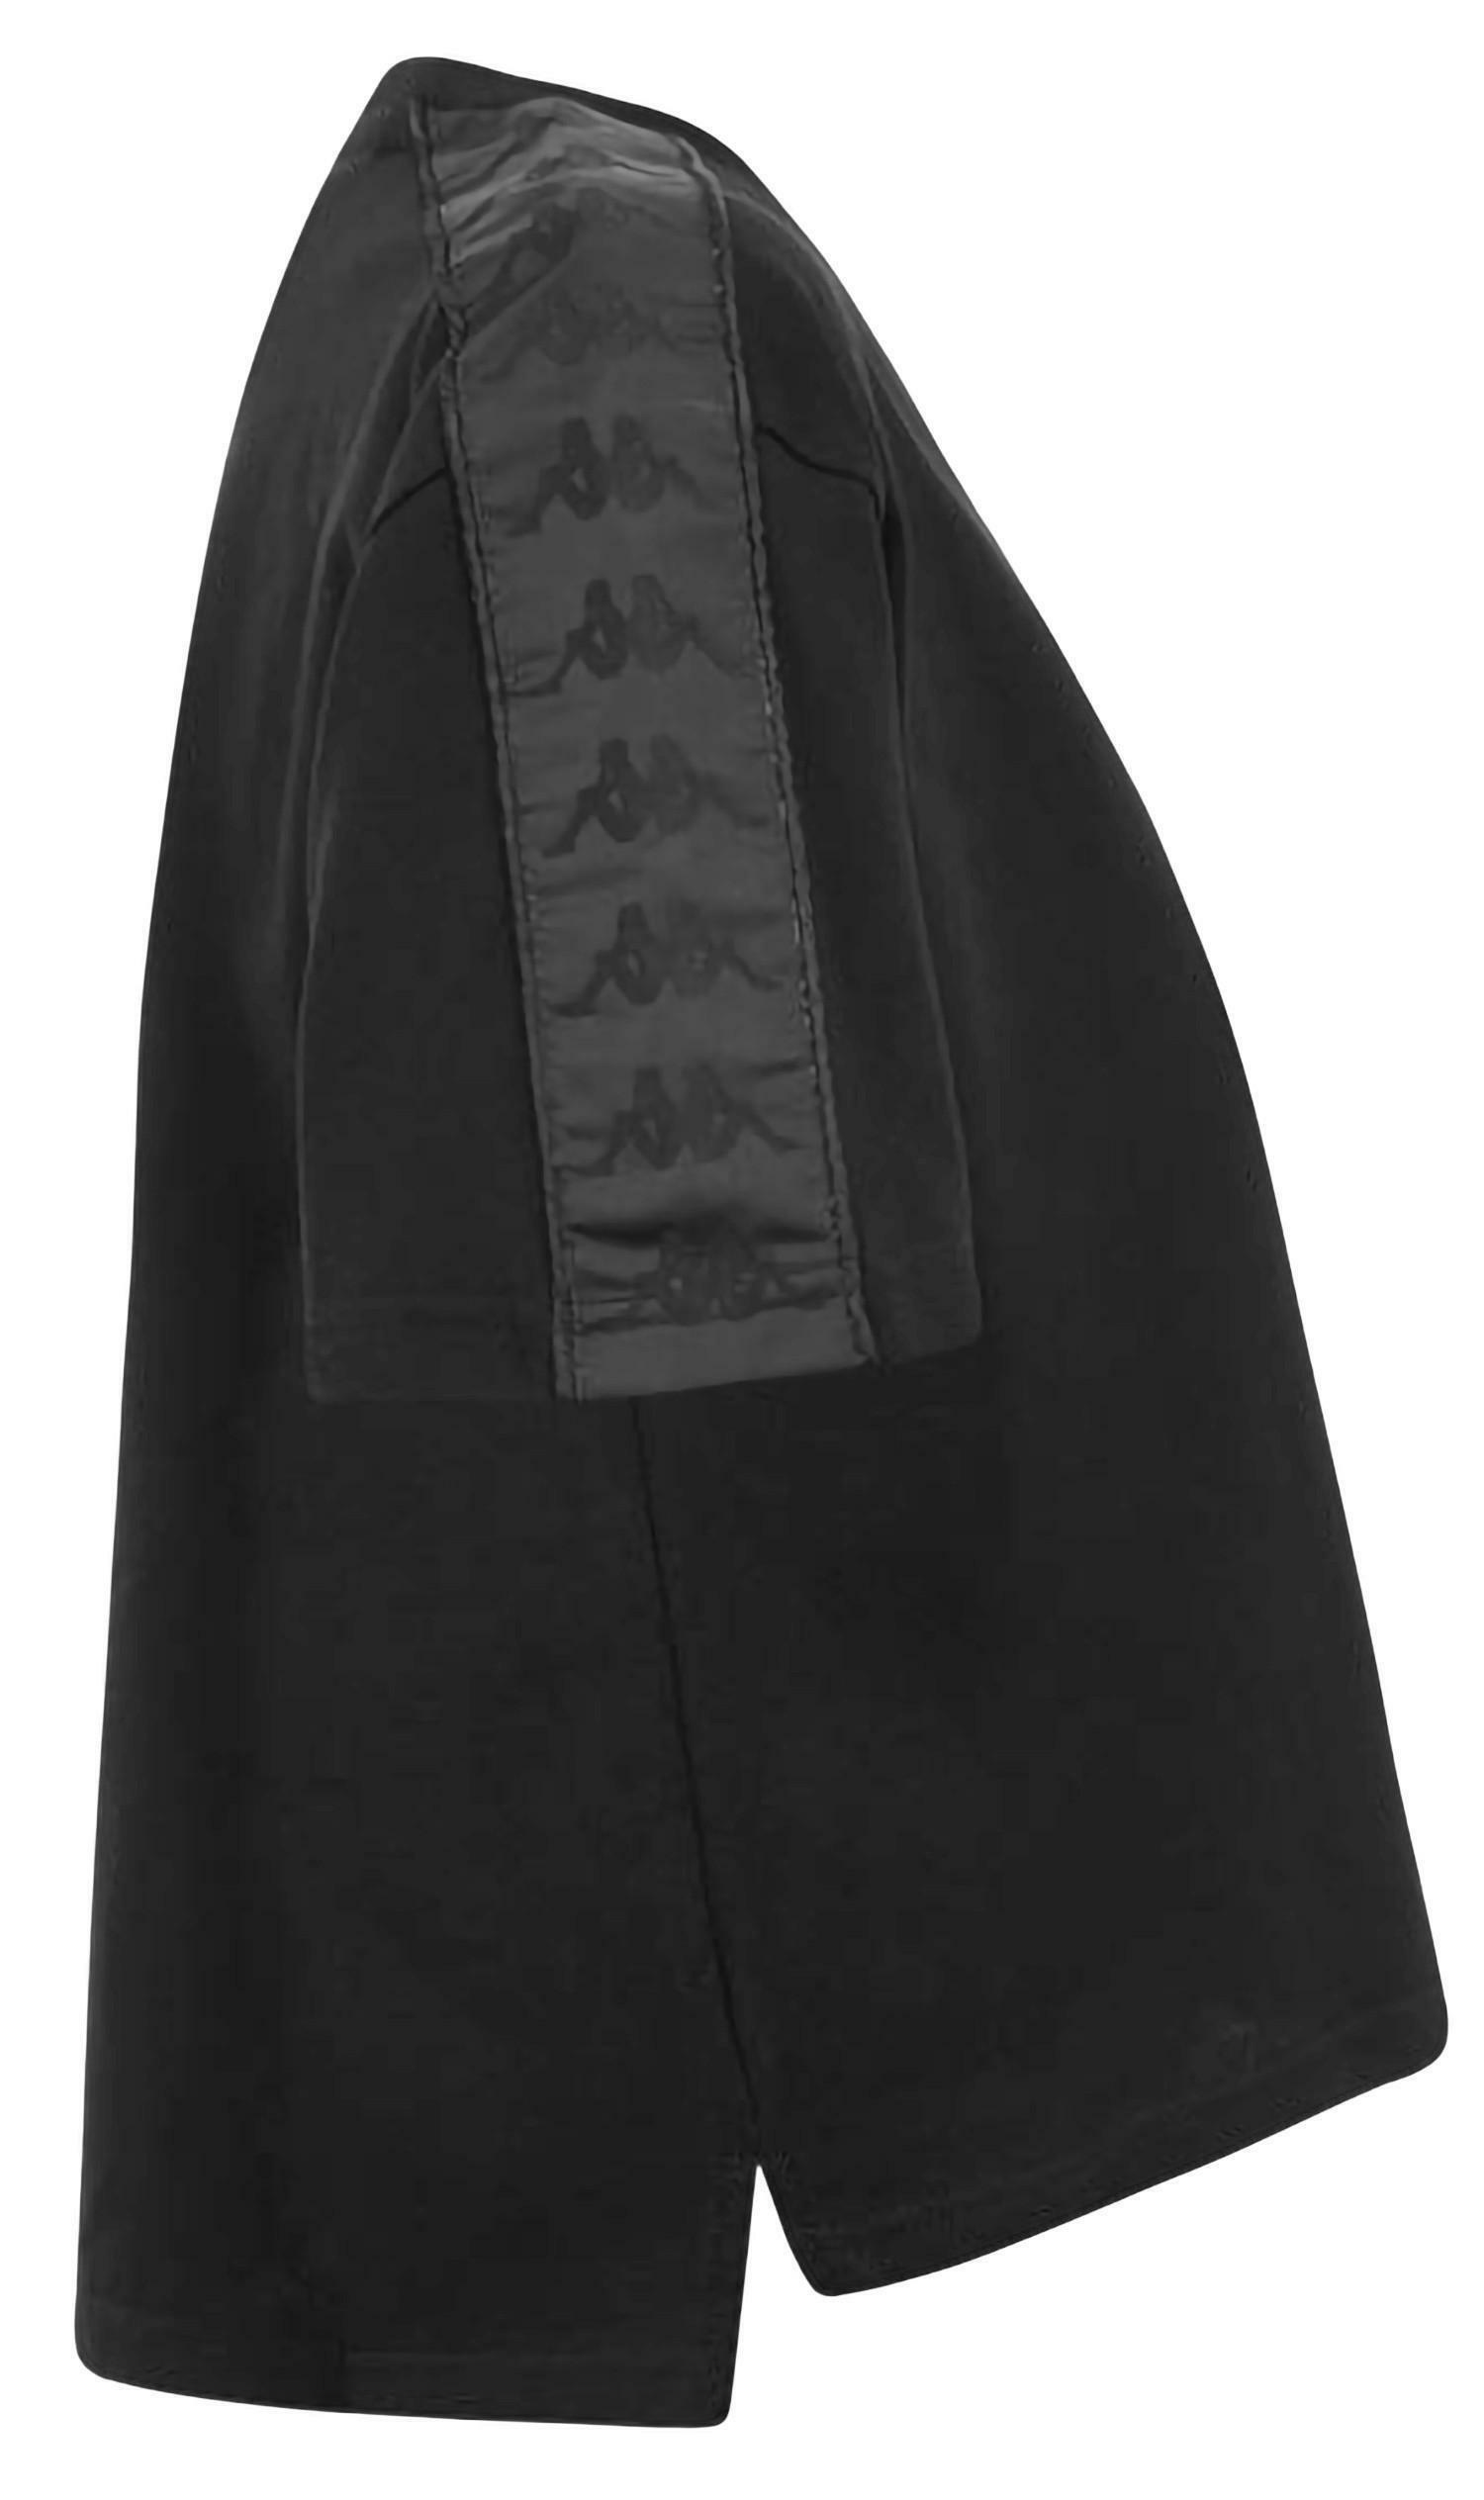 kappa kappa authentic anez t-shirt donna banda nera 3030ce0